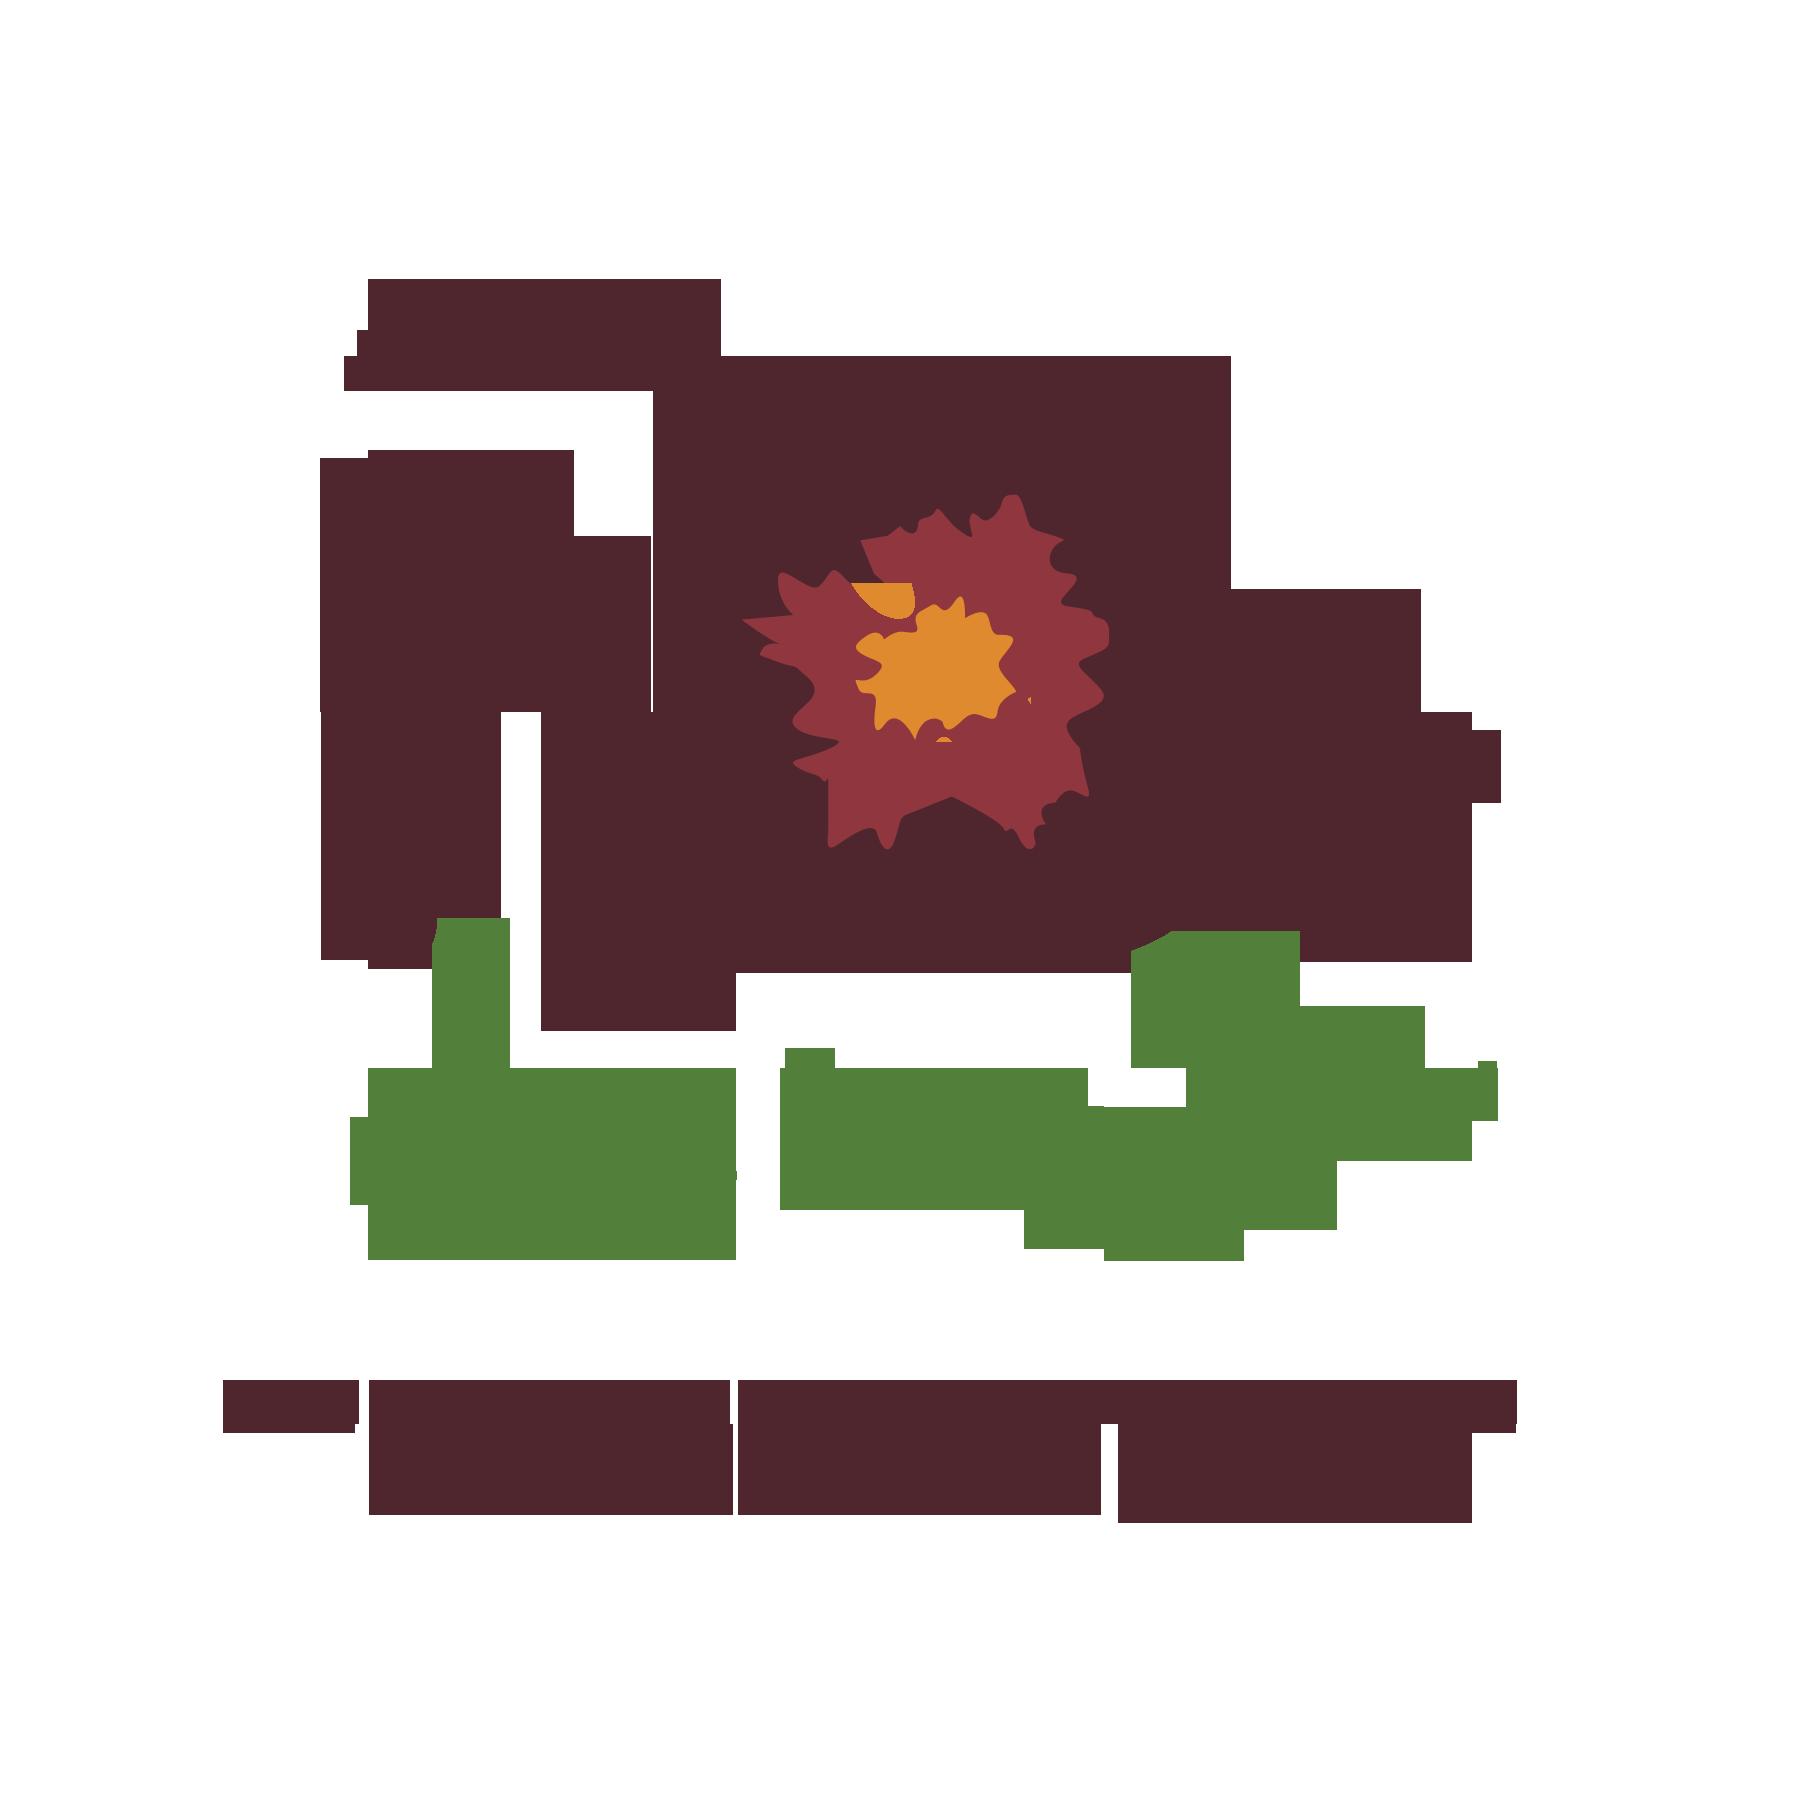 logotipo-flor-da-mata